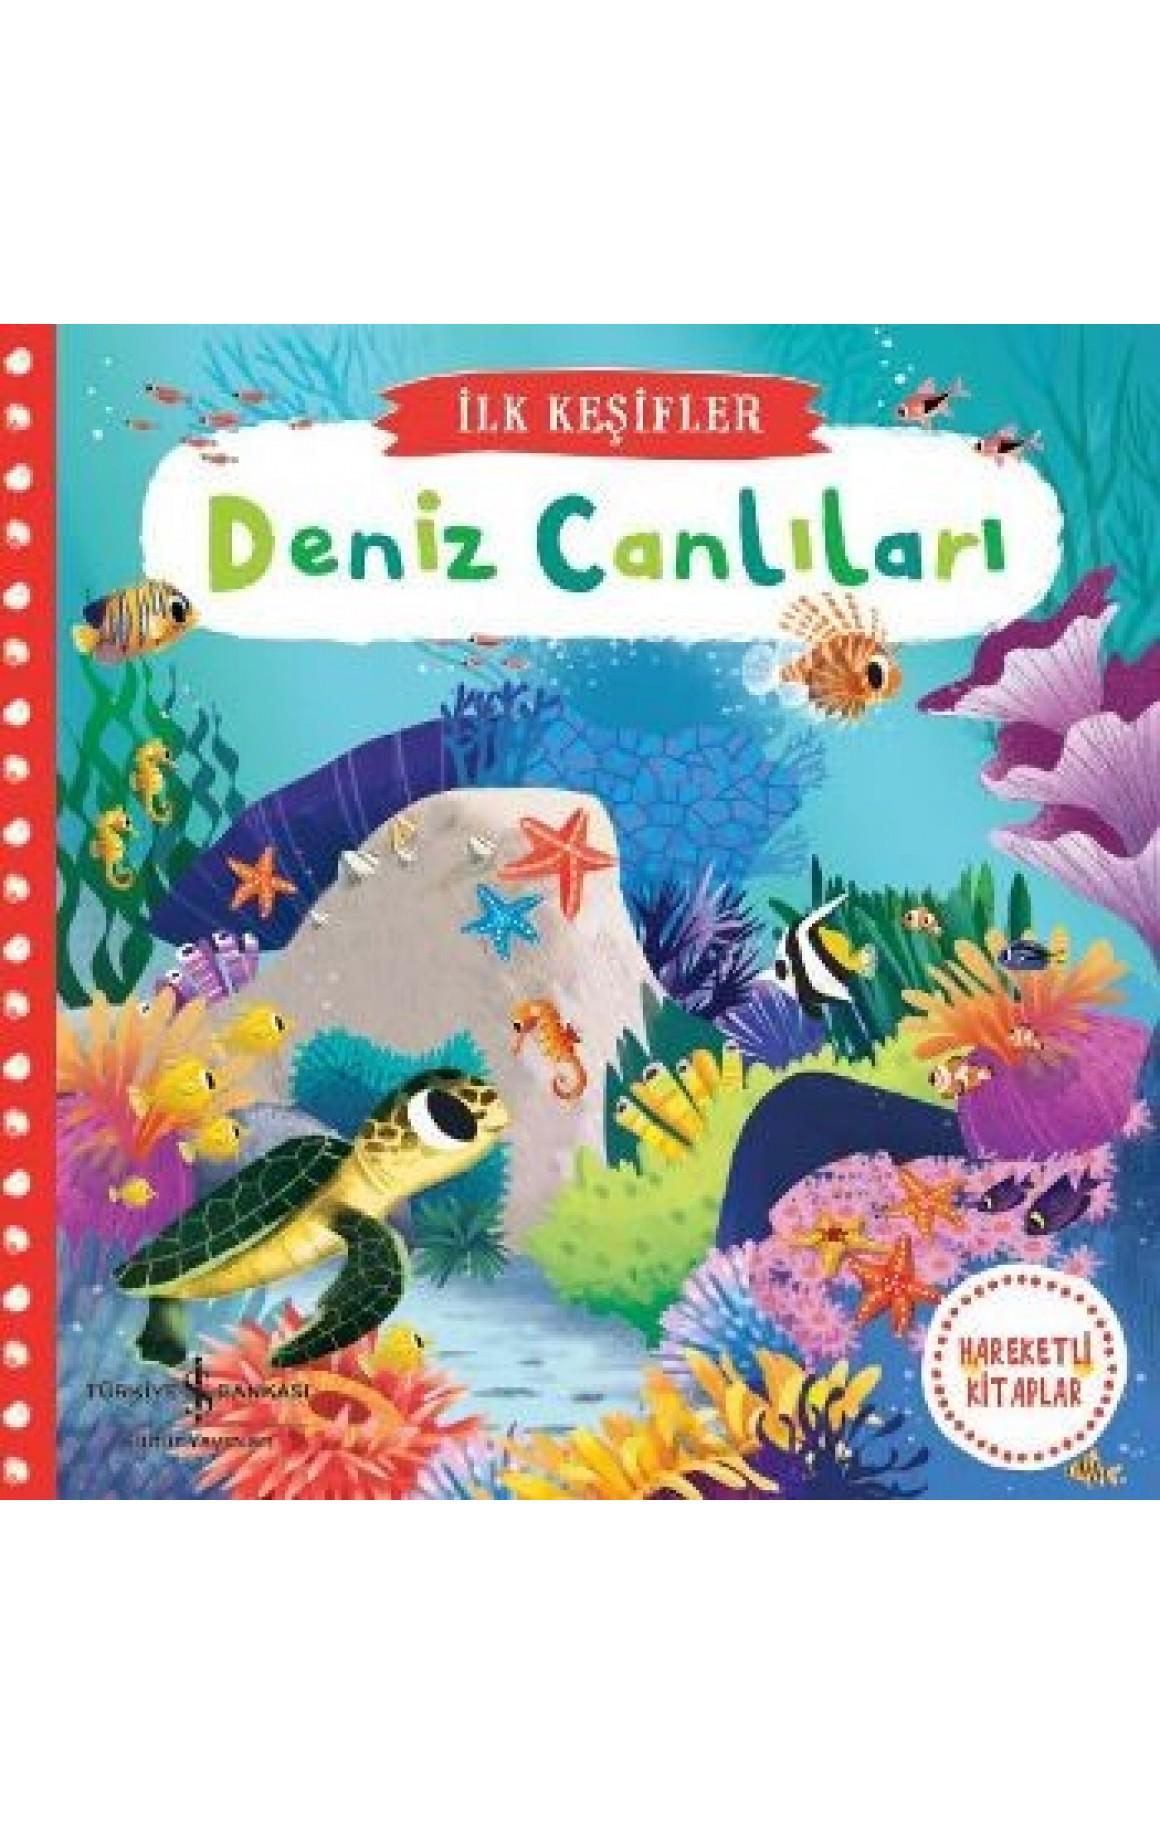 Deniz Canlıları-İlk Keşifler-Hareketli Kitaplar